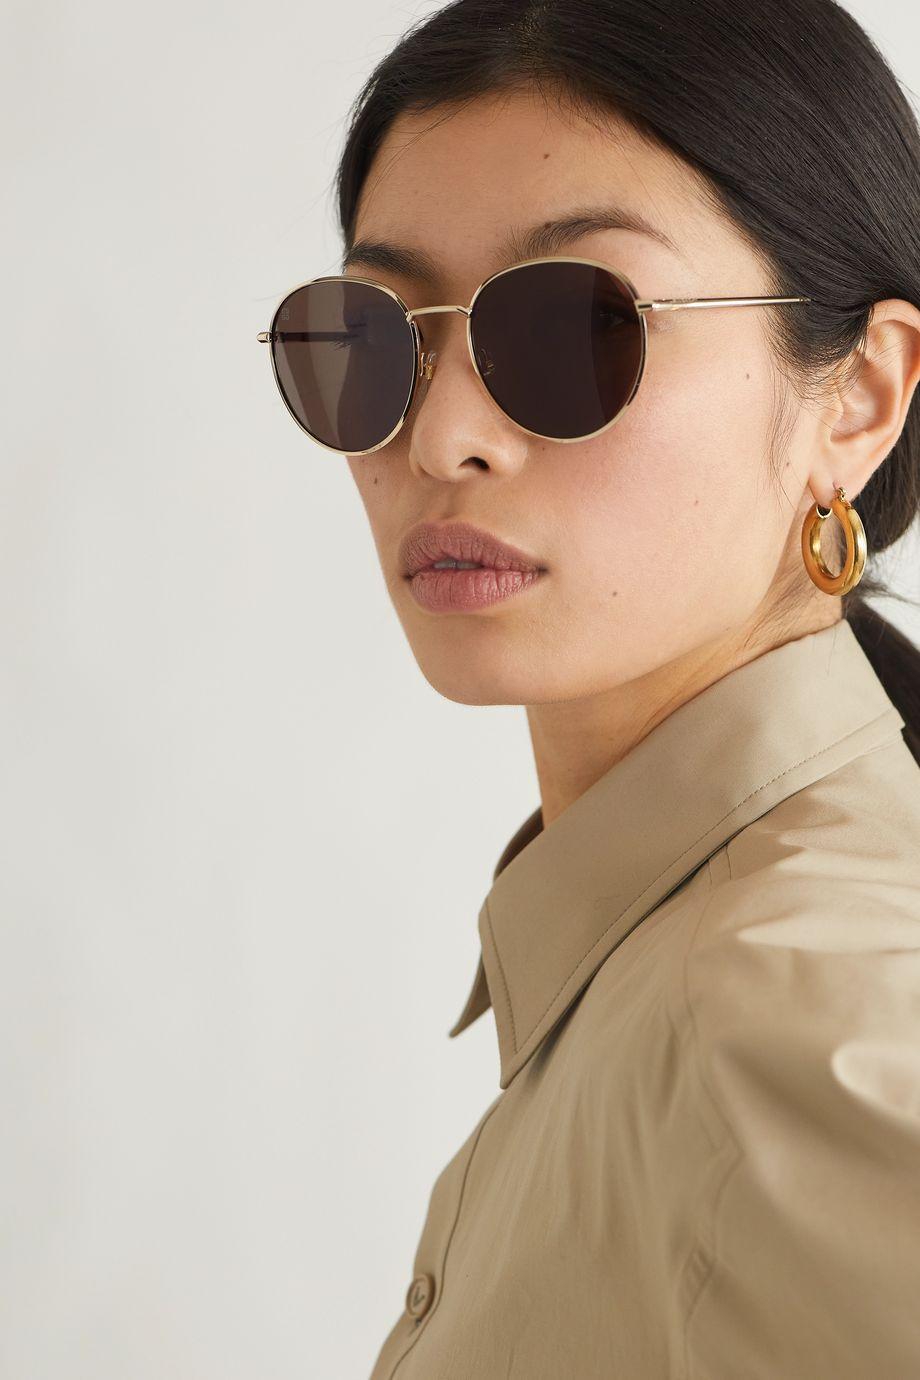 Givenchy Lunettes de soleil rondes dorées